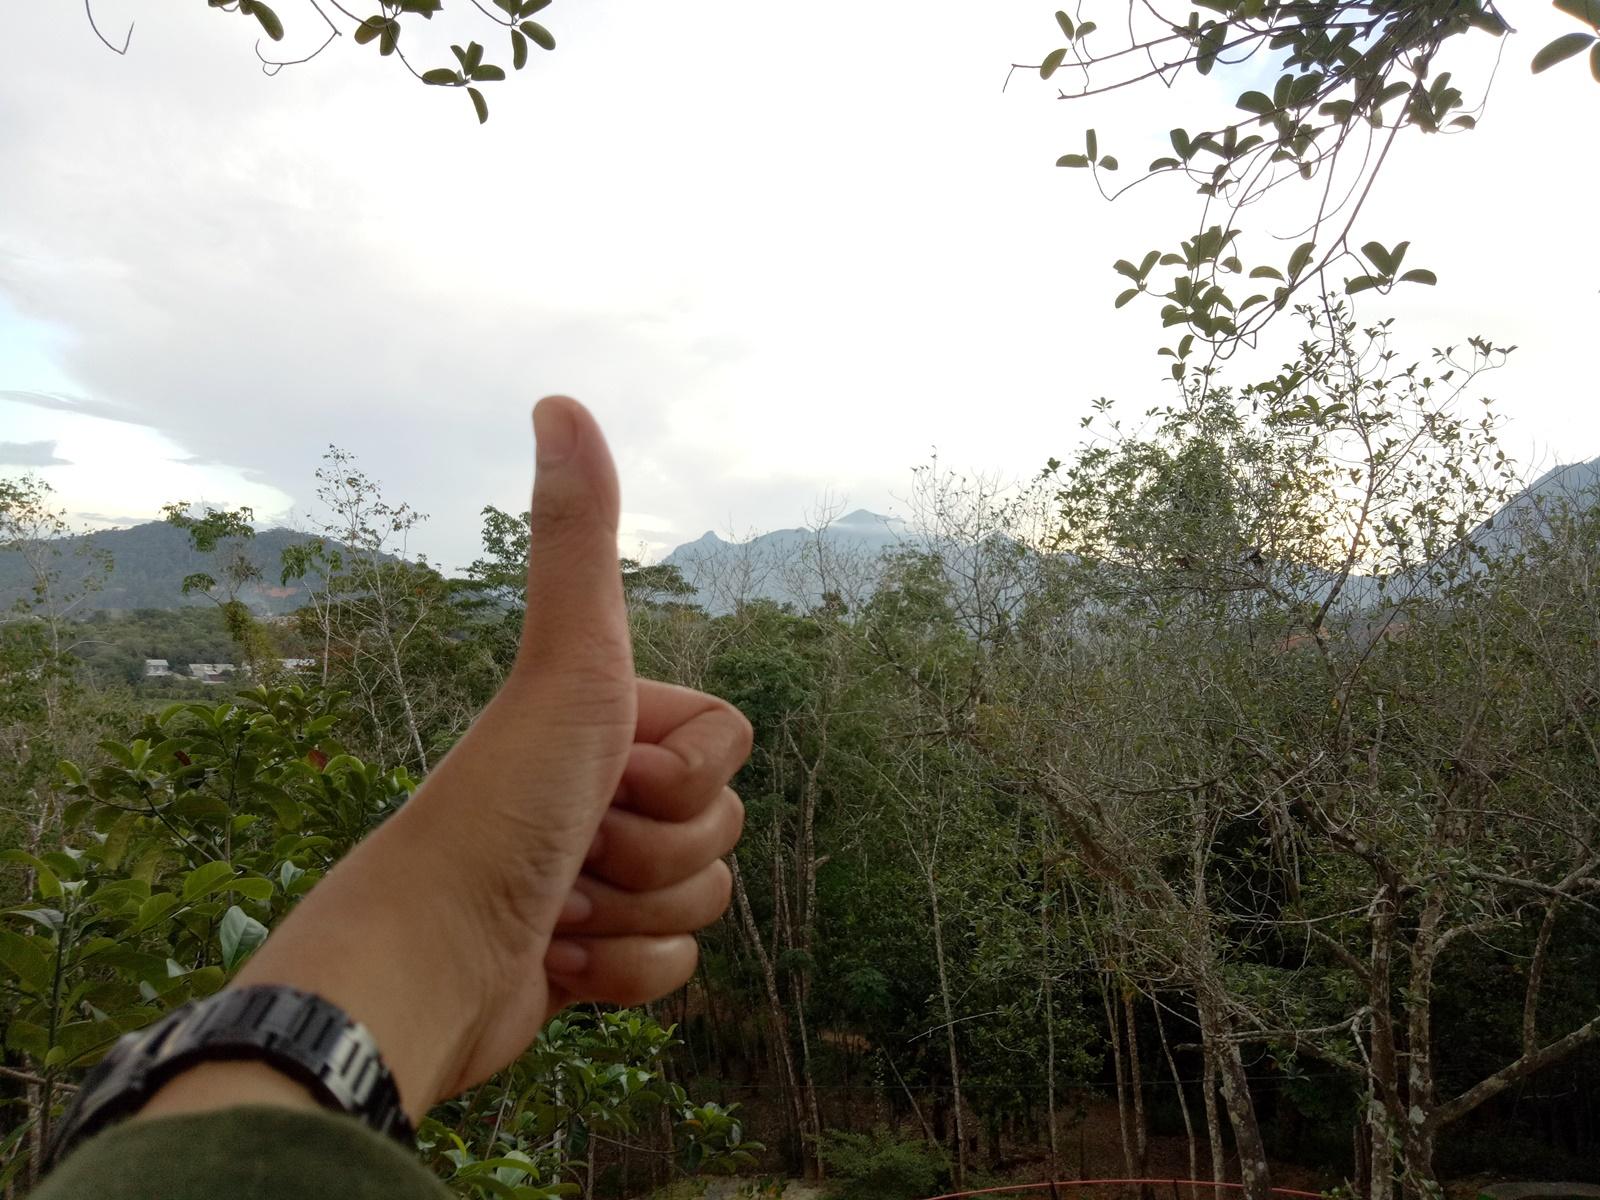 pemandangan_gunung_jempol_dari_lantai_pohon_yang_kedua